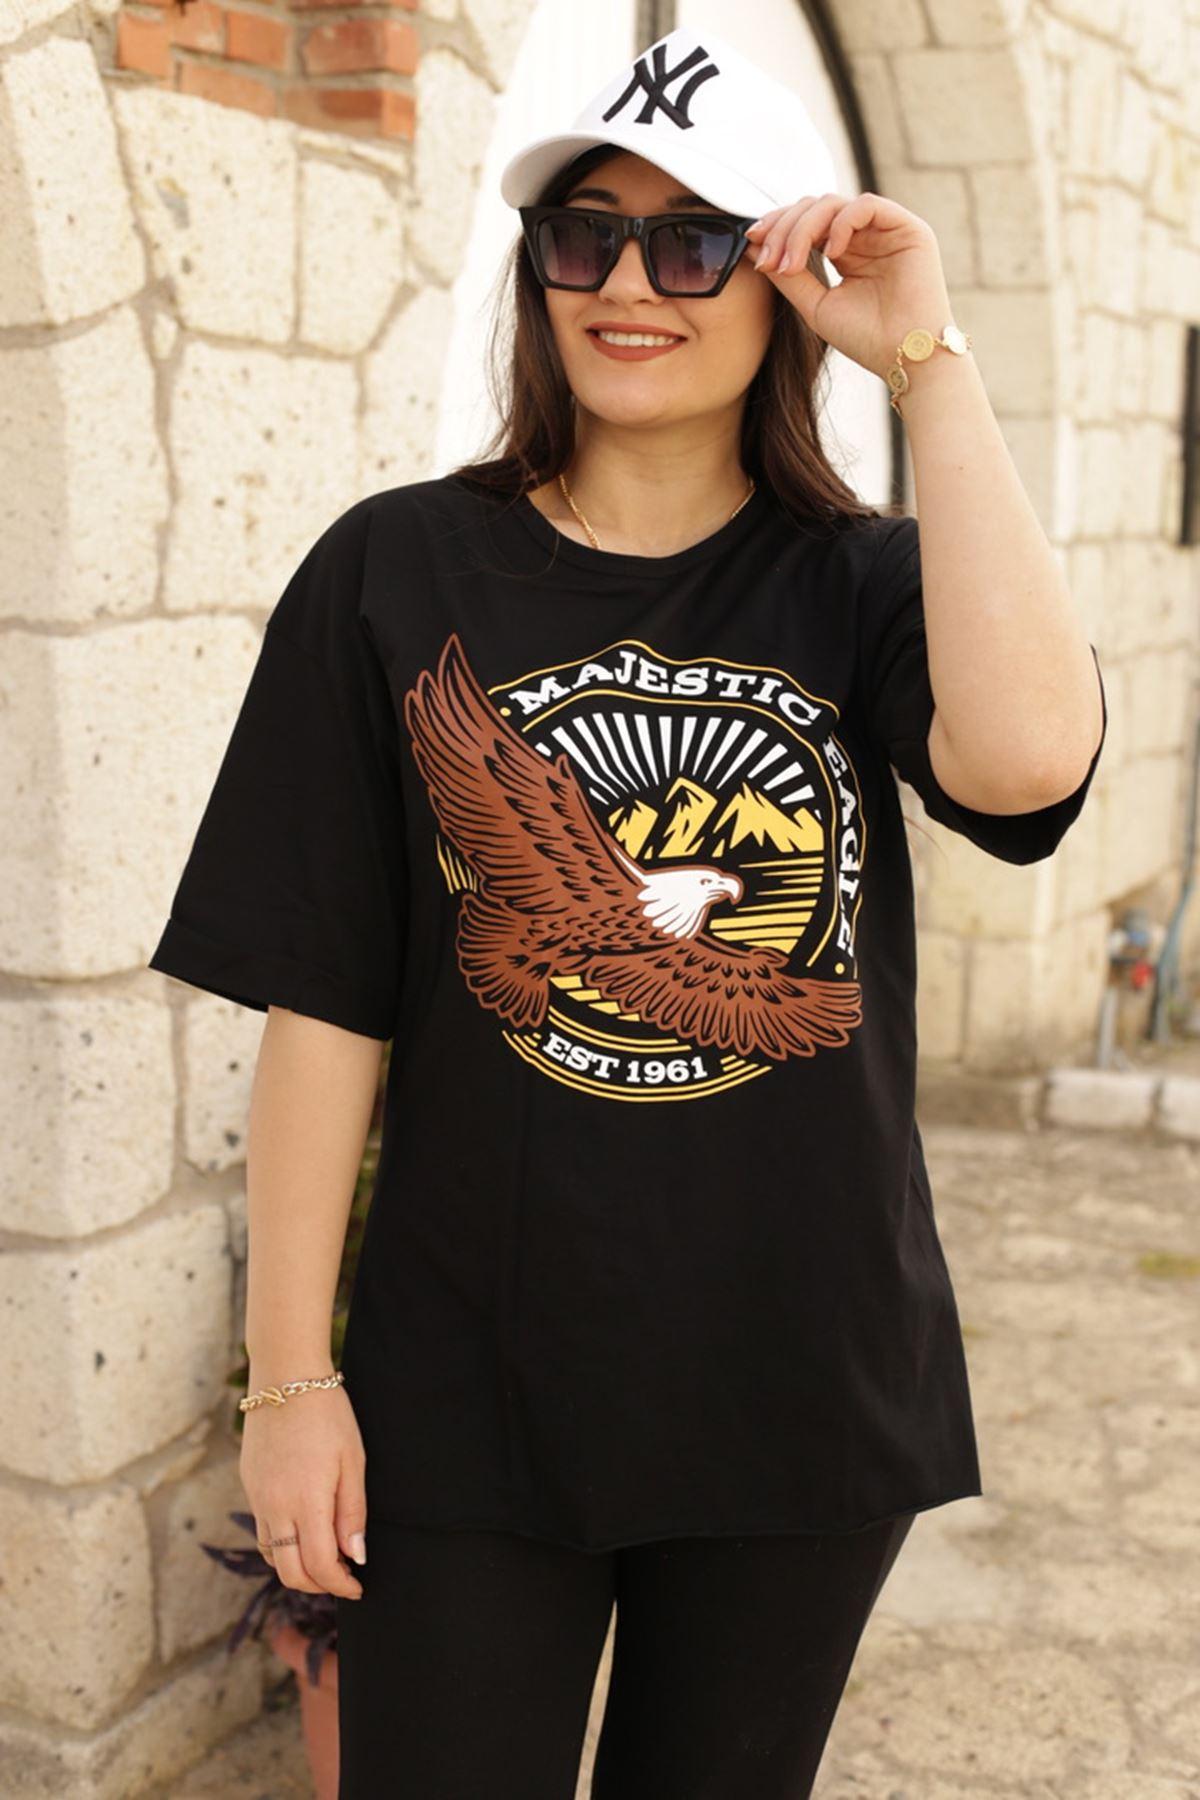 RENKTE BASKILI DUBLE KOL SİYAH T-SHİRT